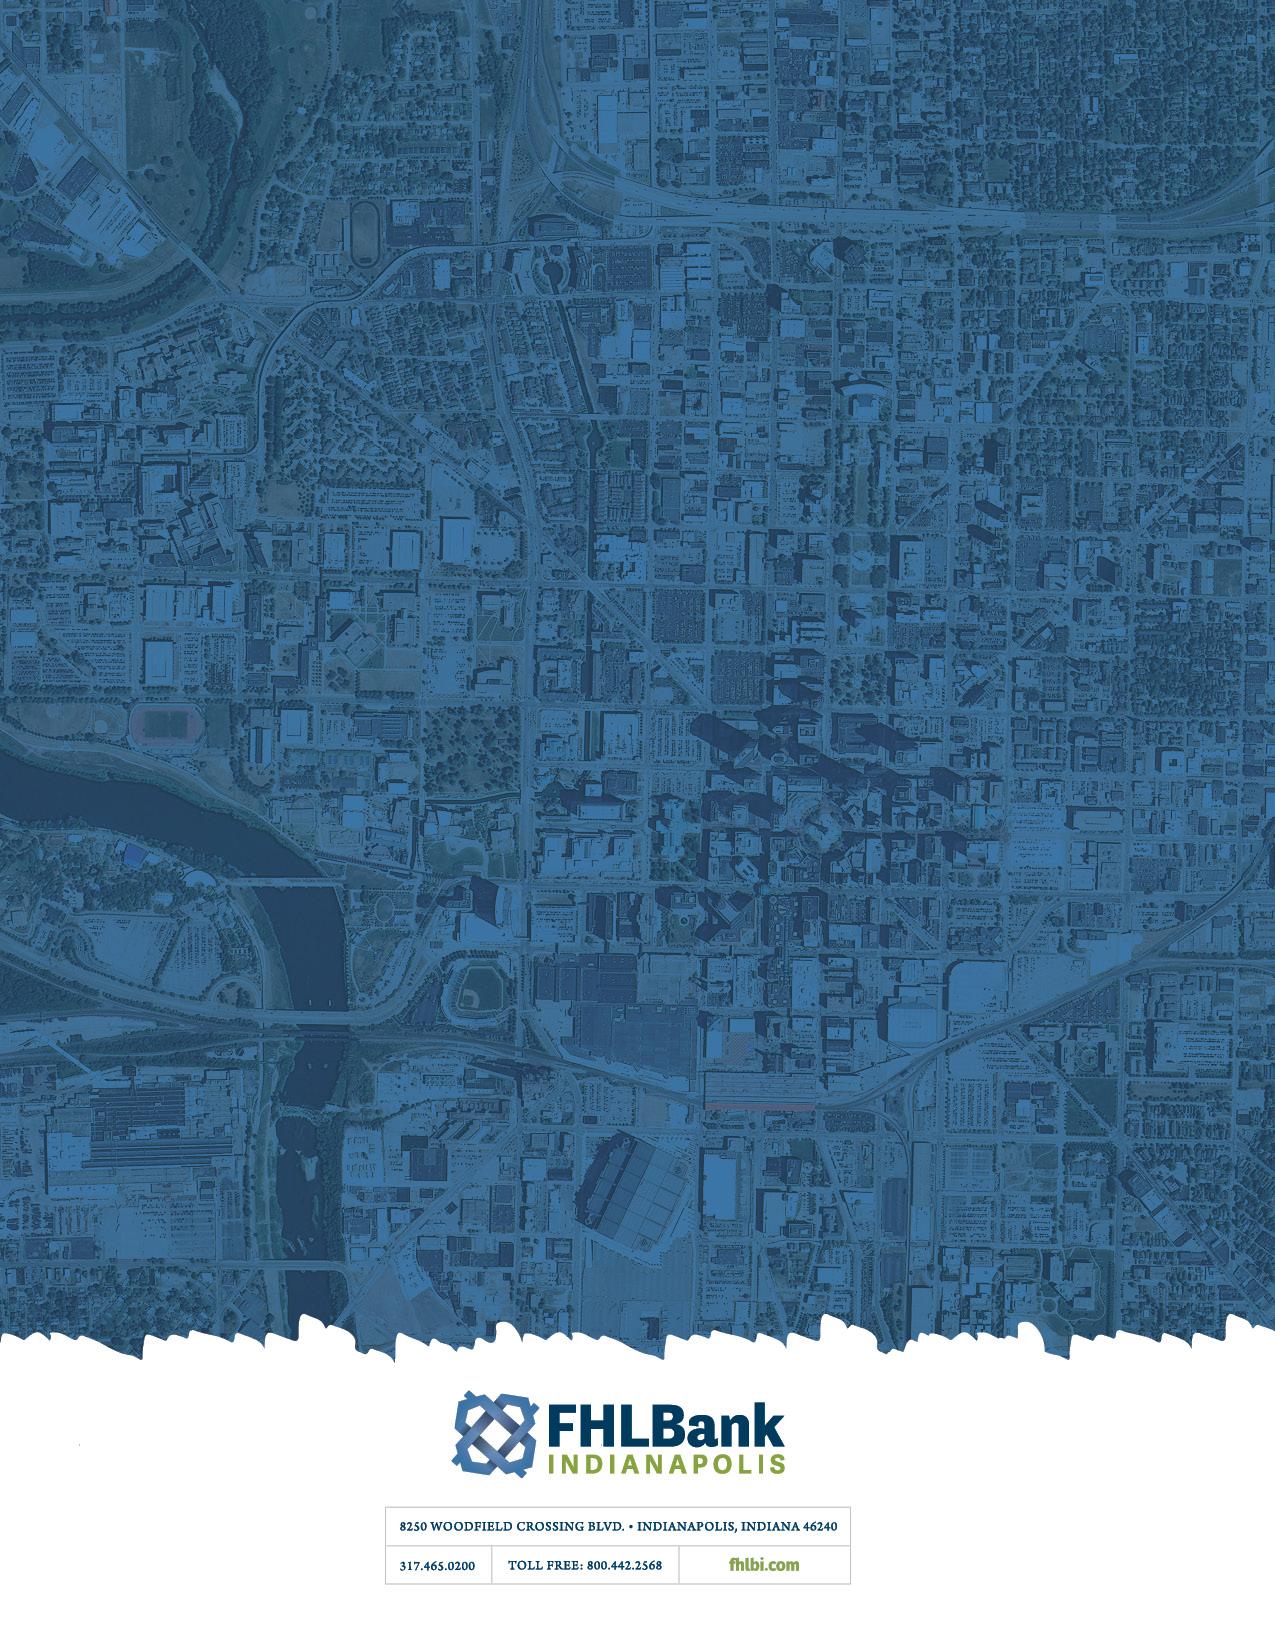 FHLBI_2018_AHAC-AnnualReport_V69.jpg